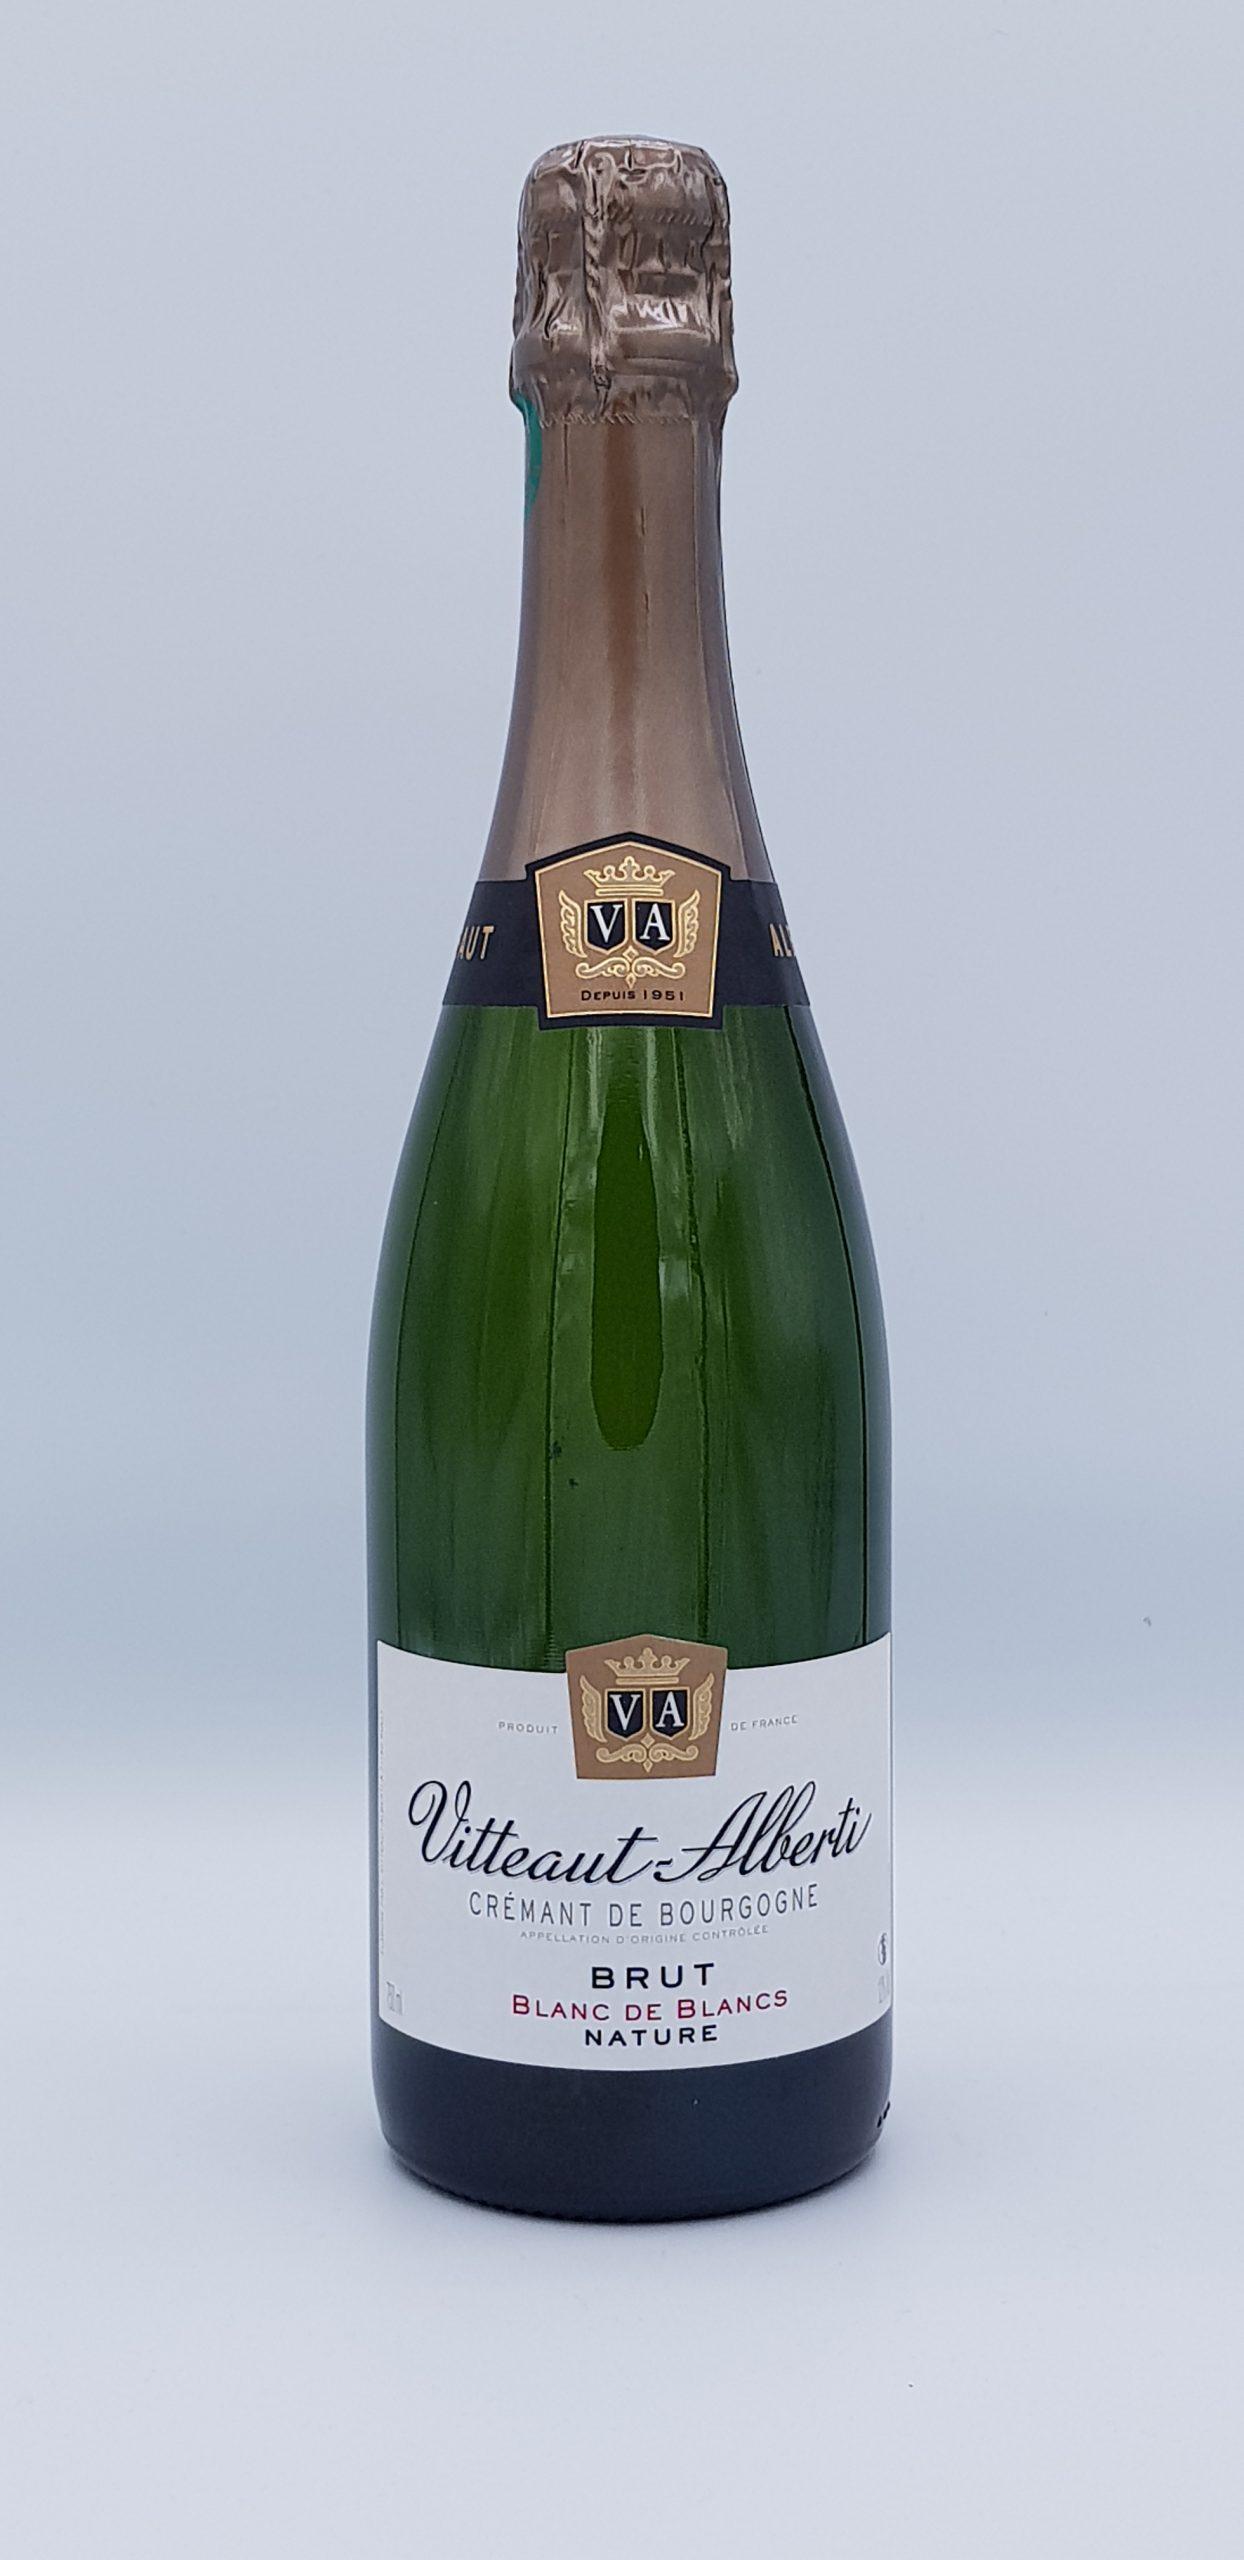 Cremant De Bourgogne Blanc De Blanc Nature Vitteaut Alberti